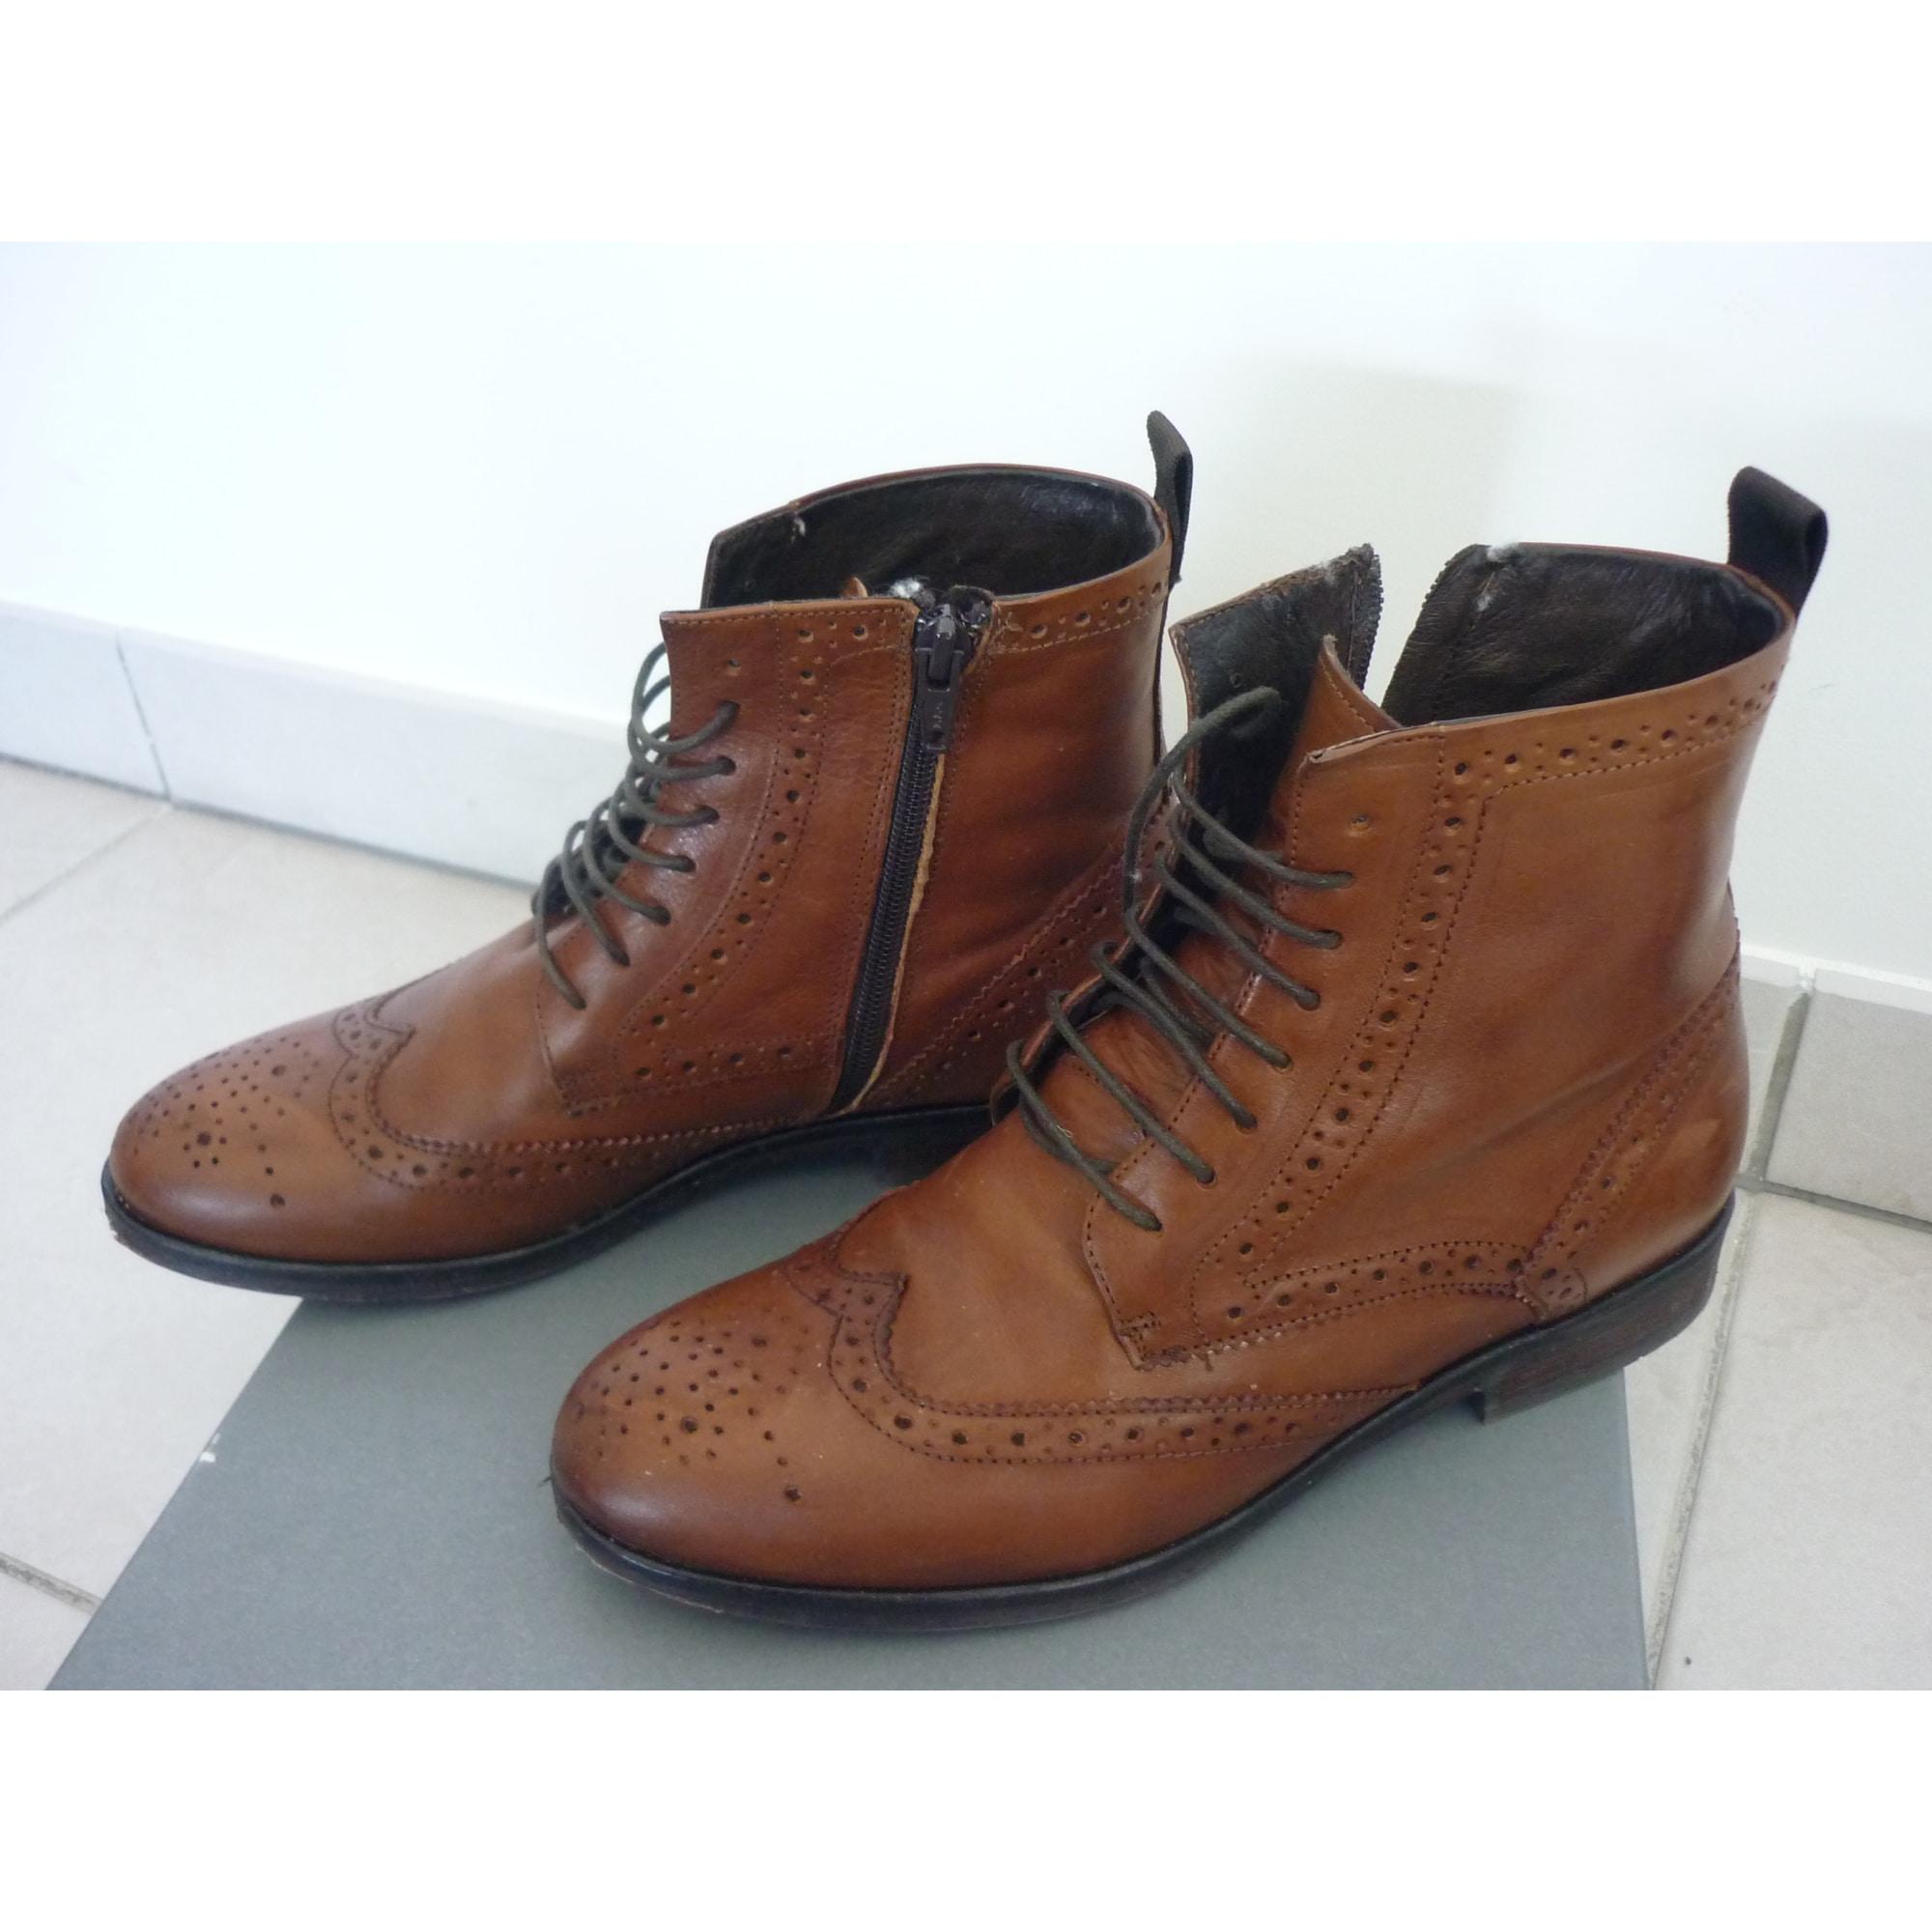 Low Par T6dwqxp Minelli Marron Lucie Vendu Amp; 37 Boots